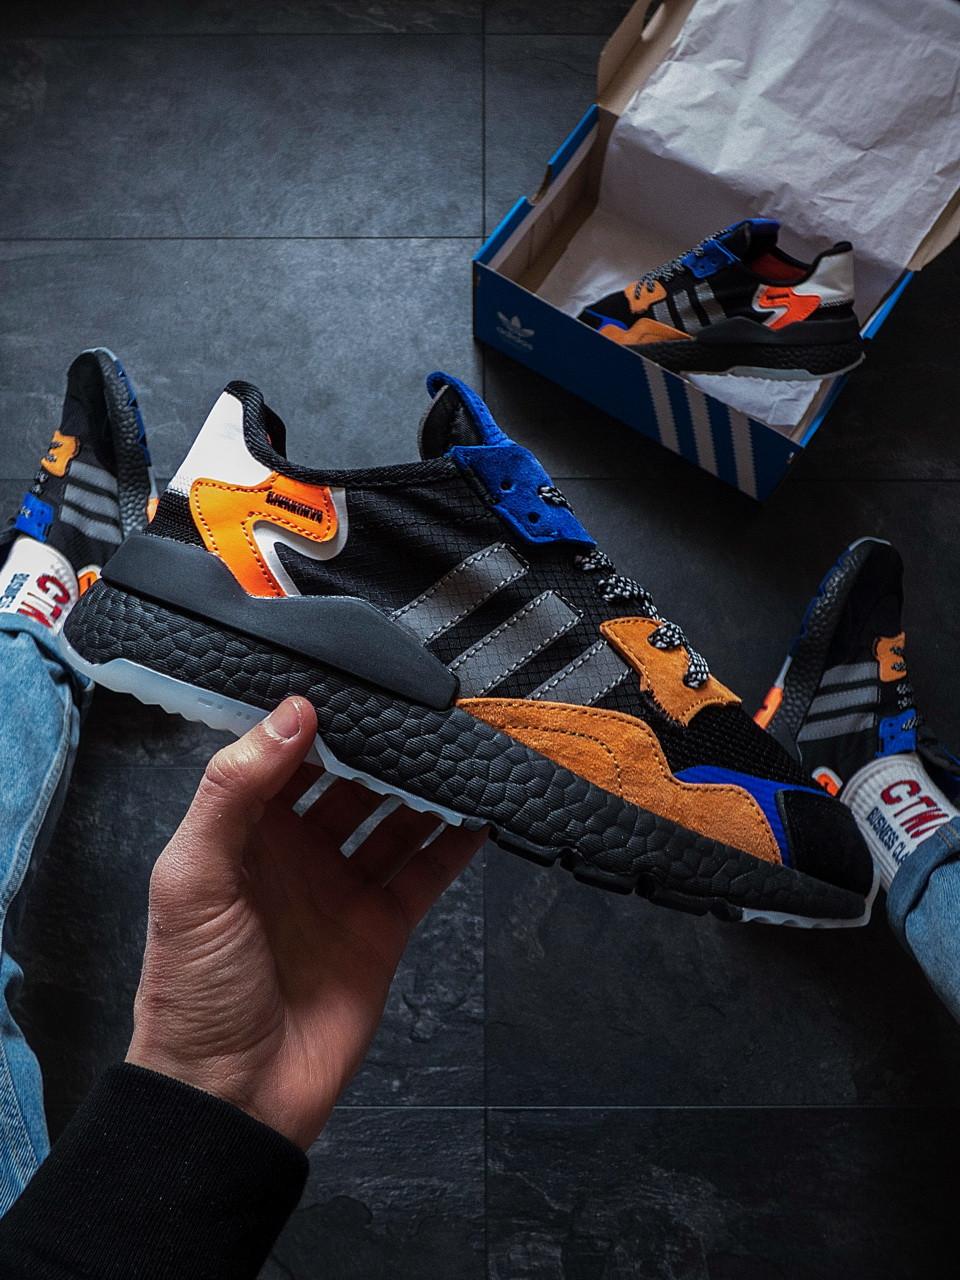 Ммужские кроссовки  Adidas Nite Jogger 43 размер c нюансом